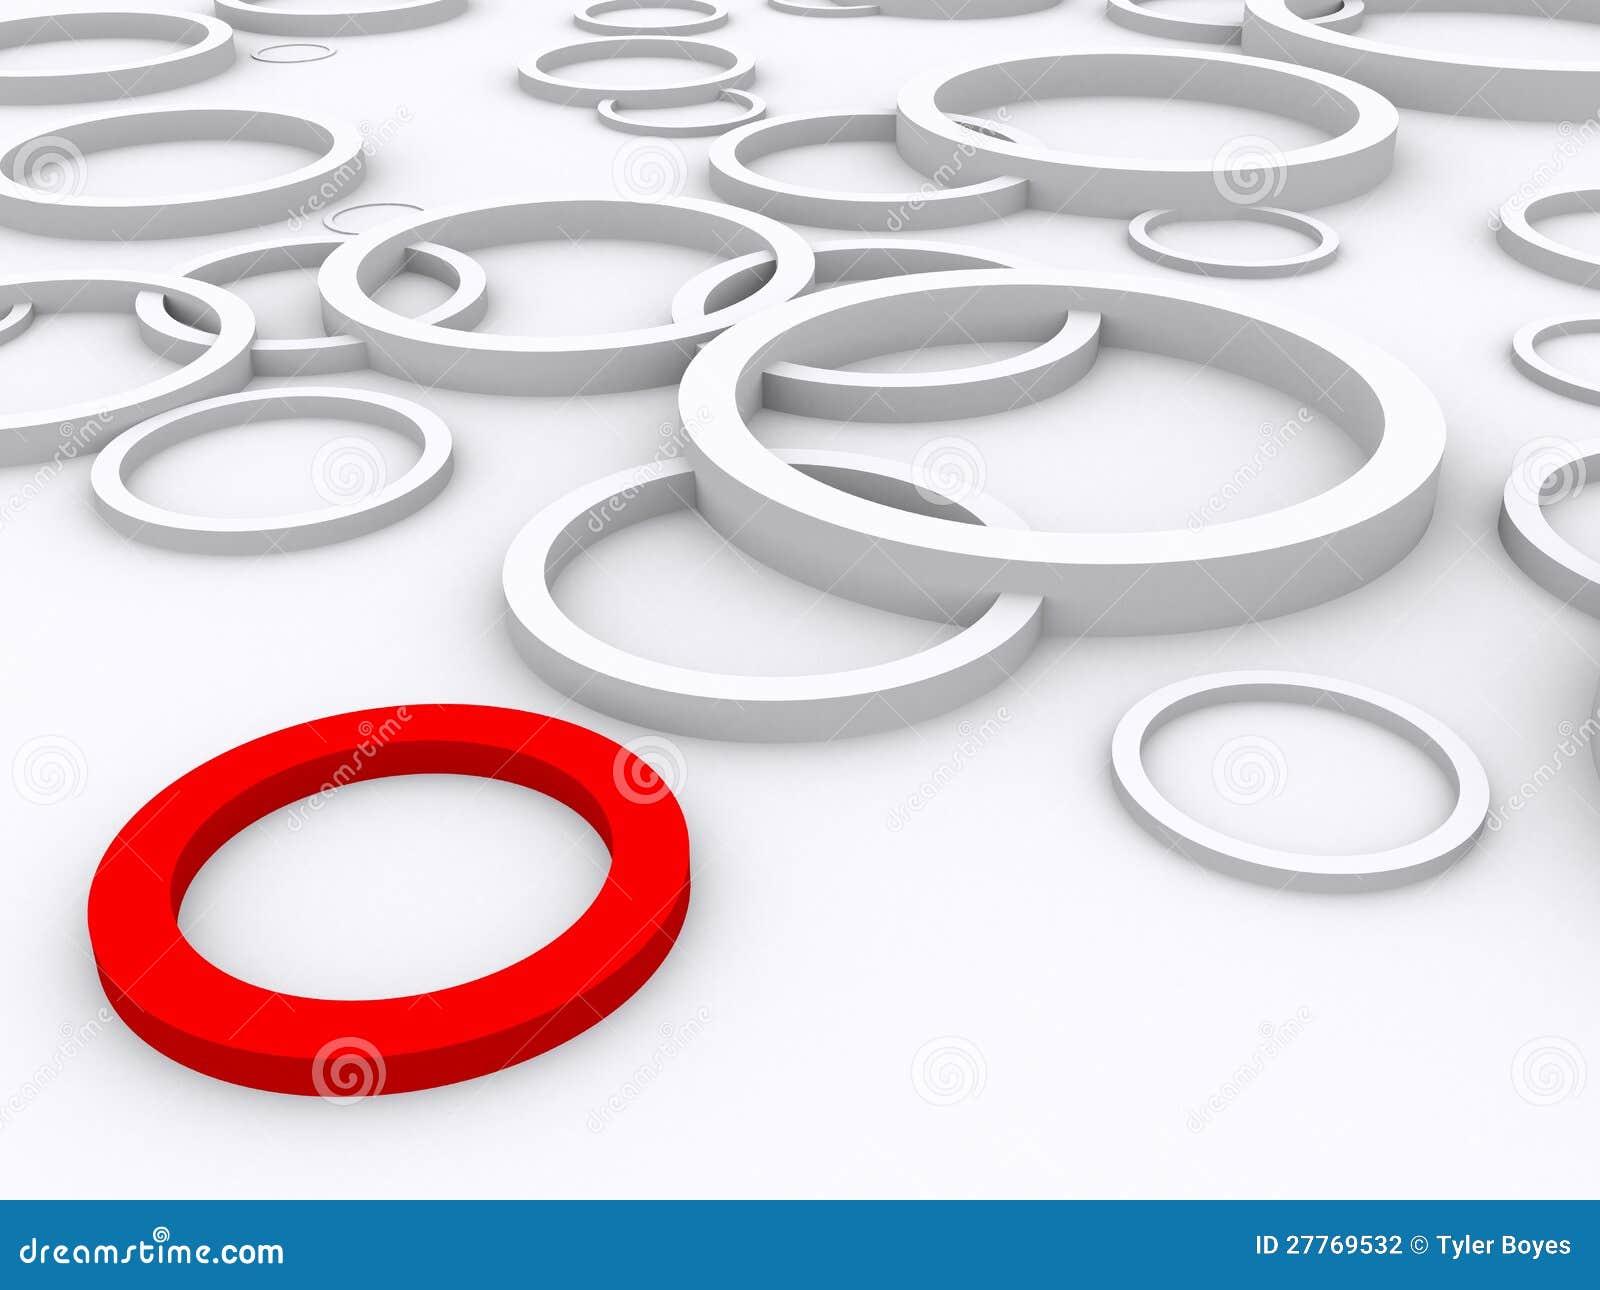 Красное кольцо стоит вне